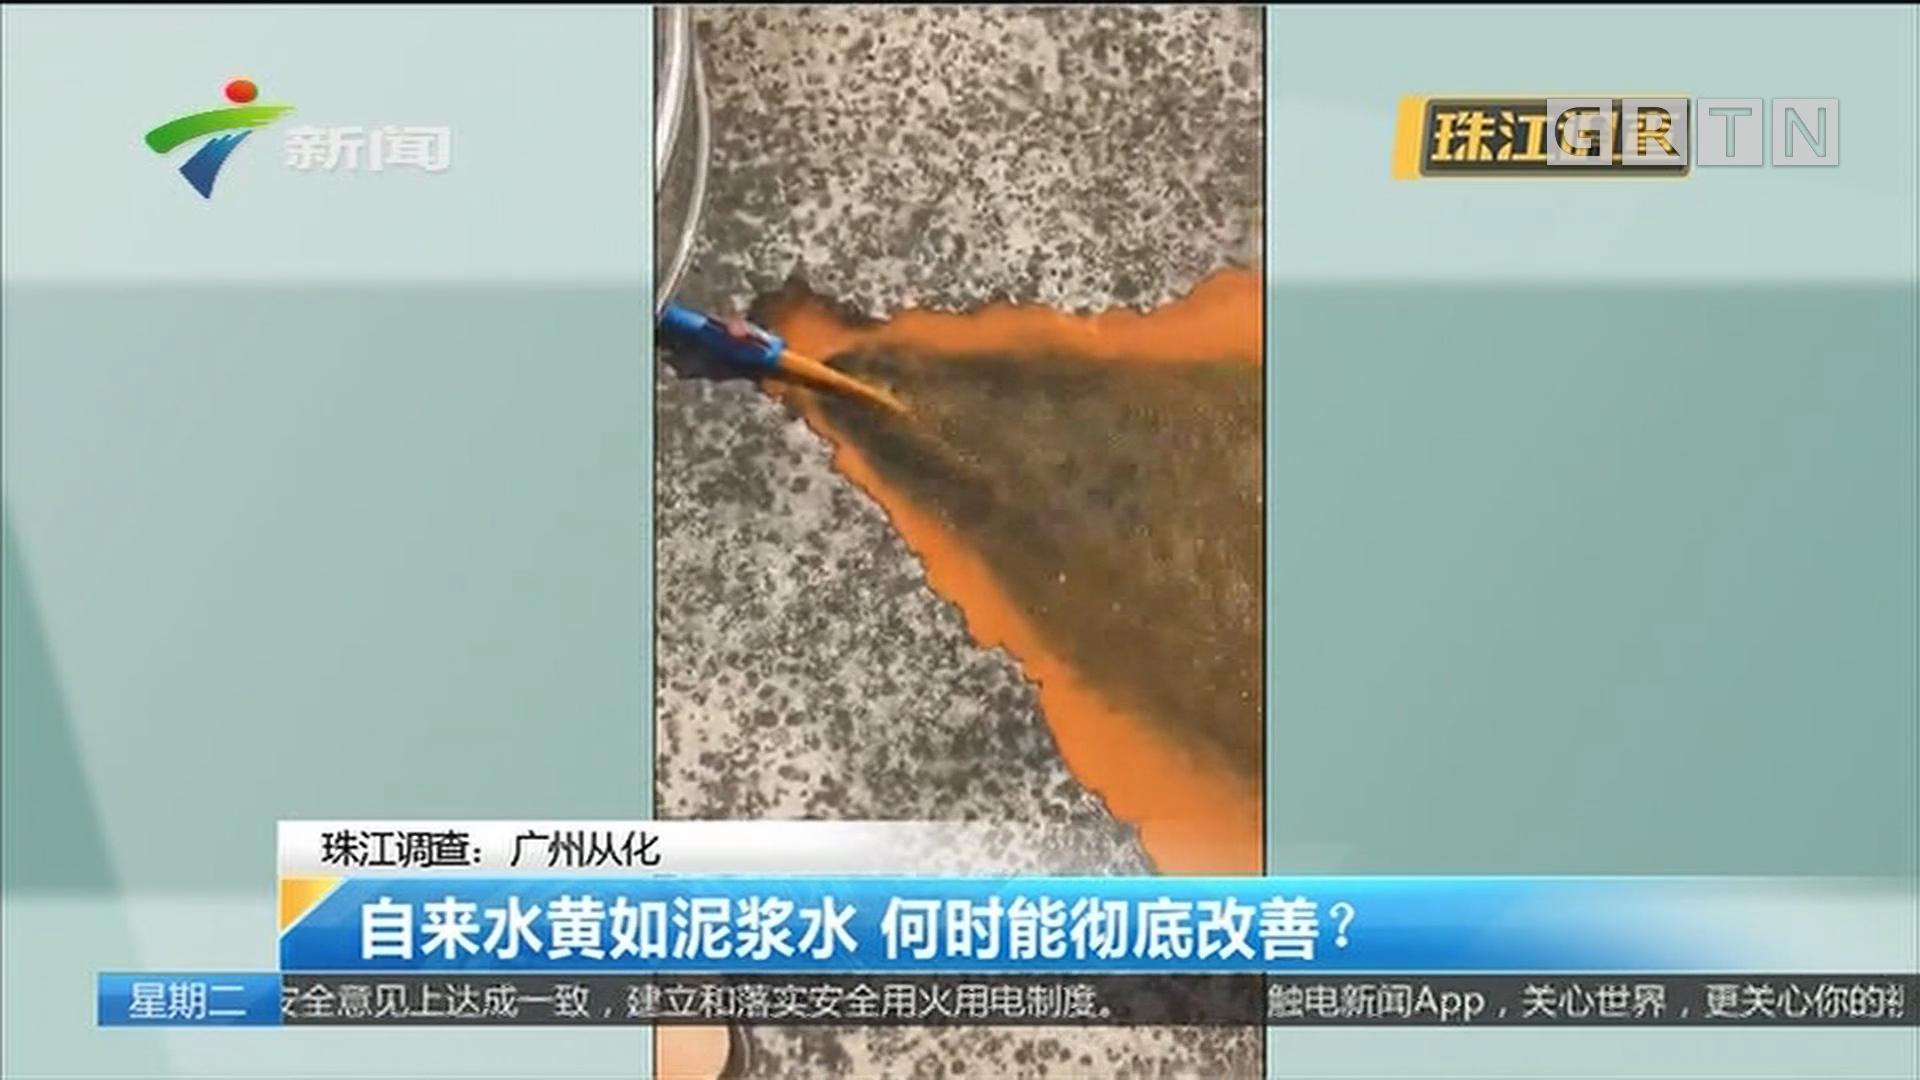 珠江调查:广州从化 自来水黄如泥浆水 何时能彻底改善?